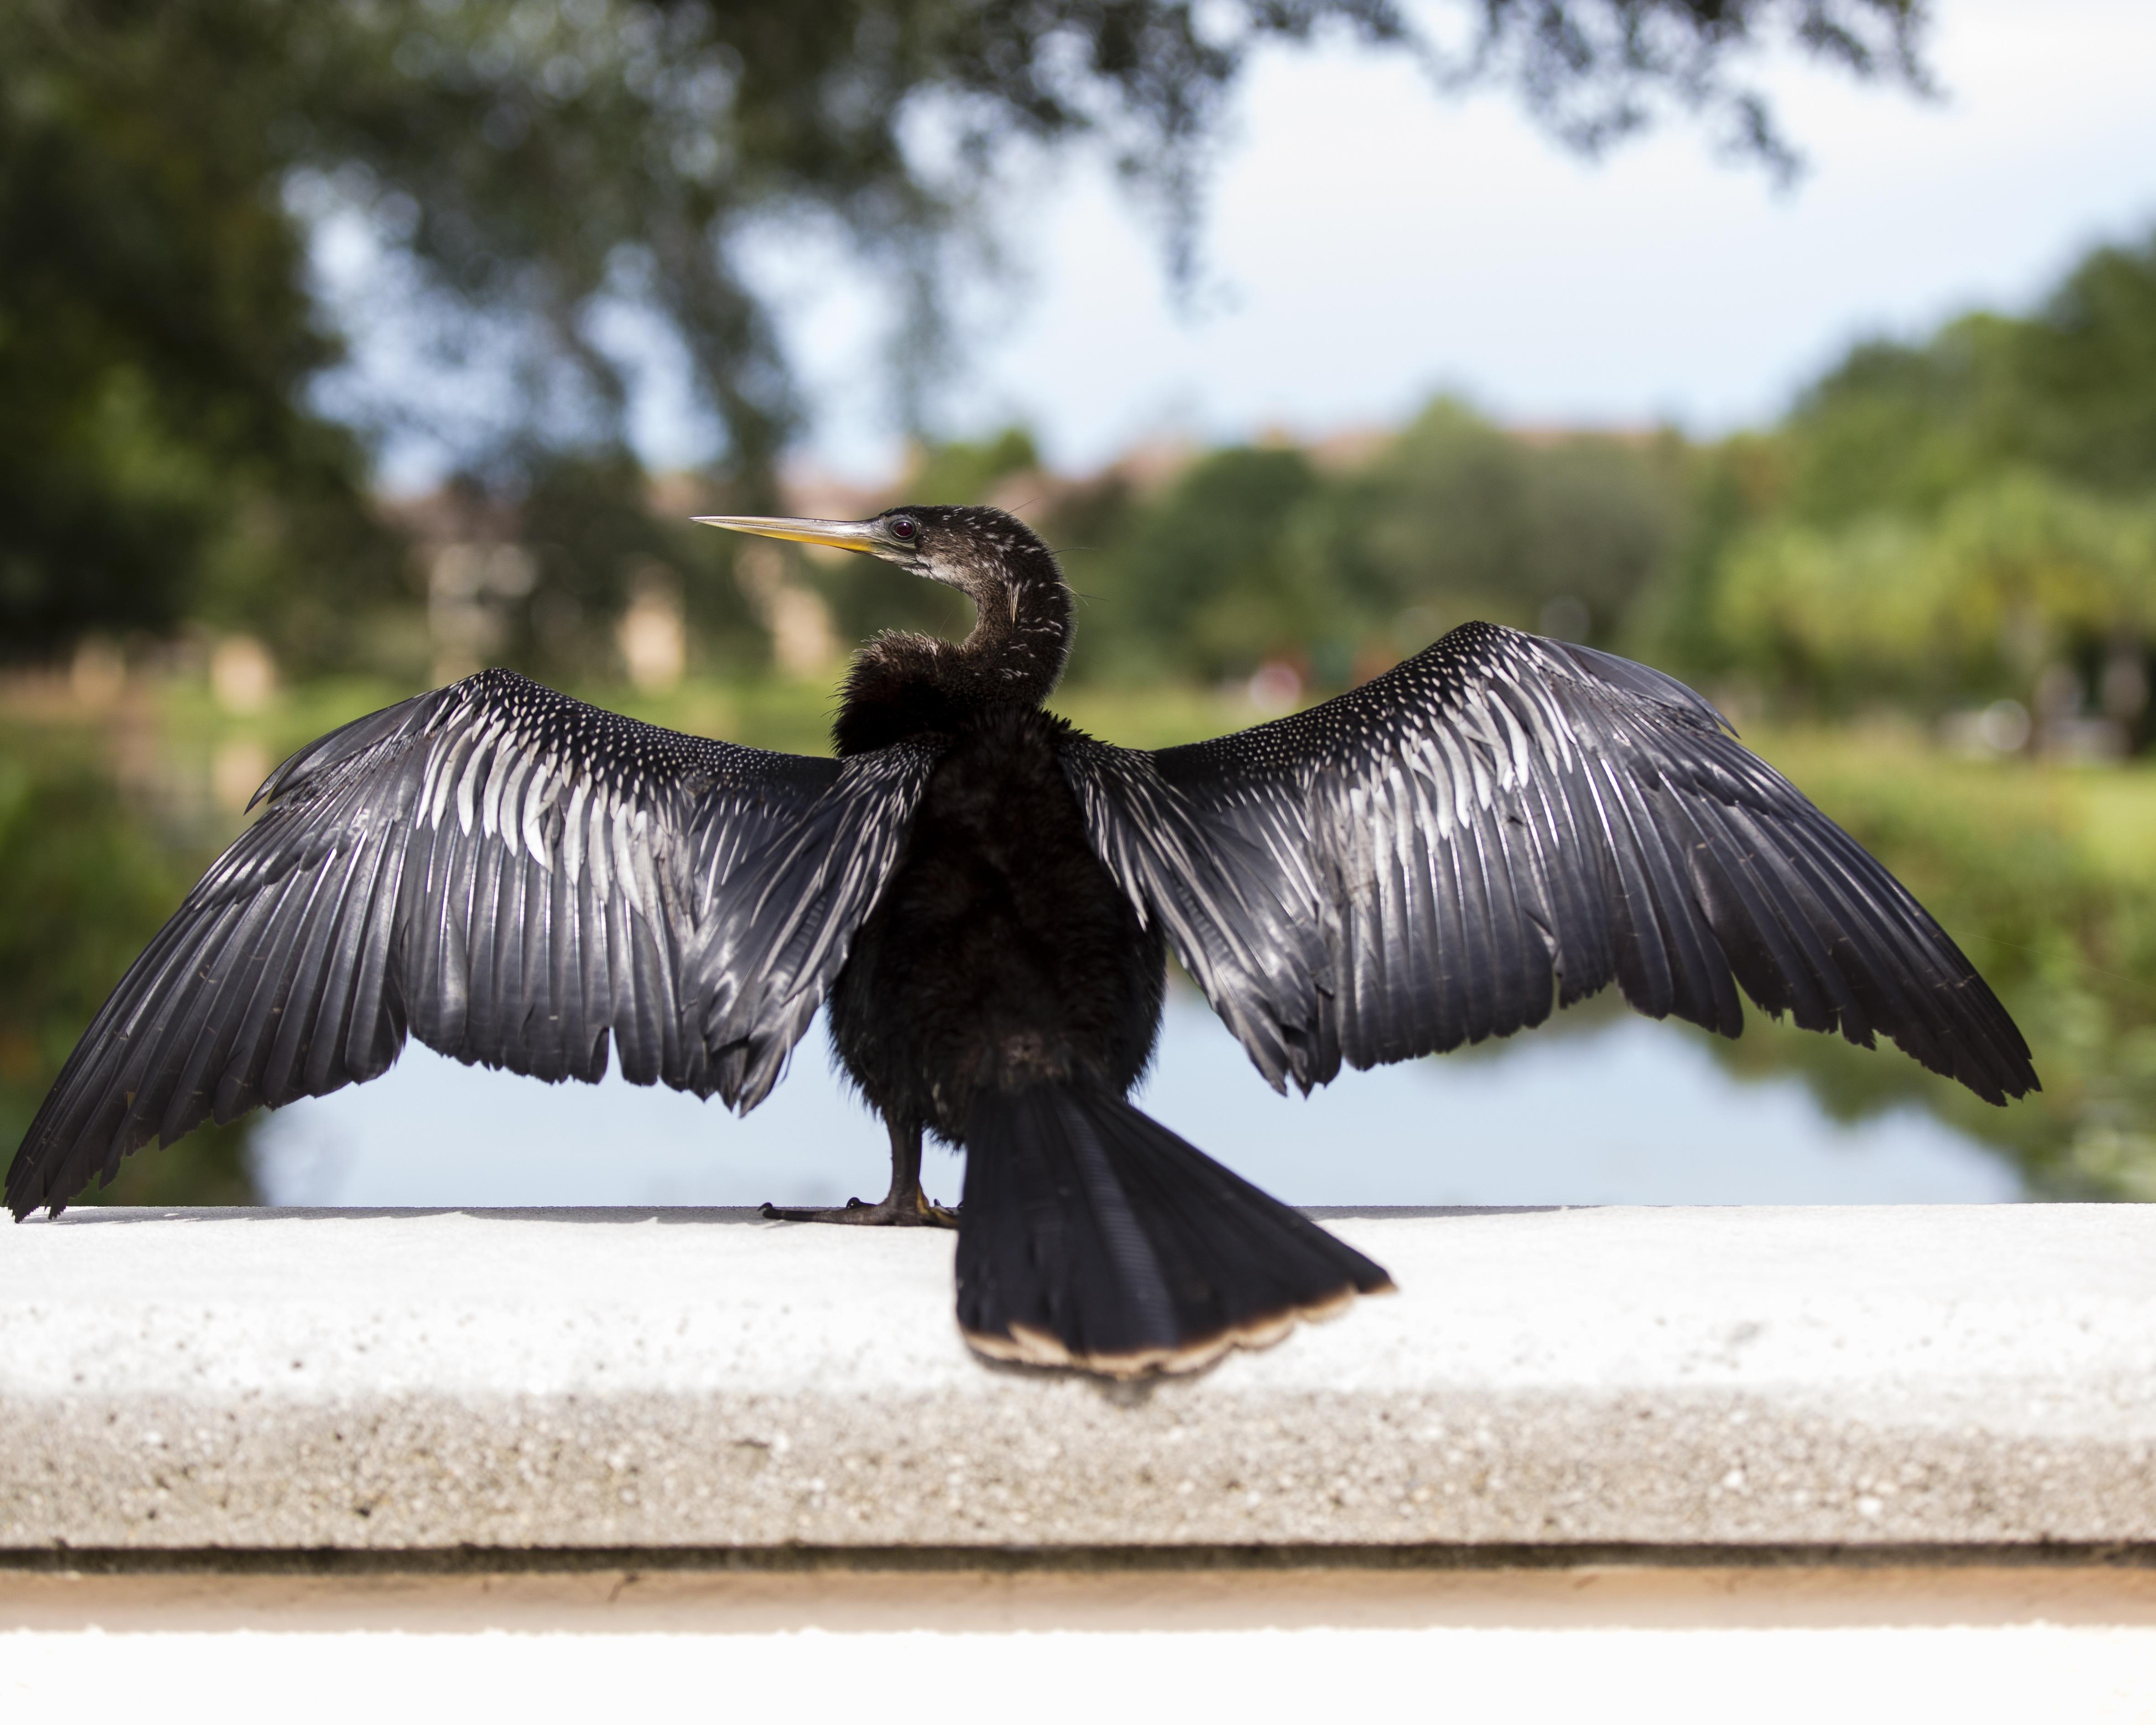 крыло птицы фотографии фильтрами можете сузить